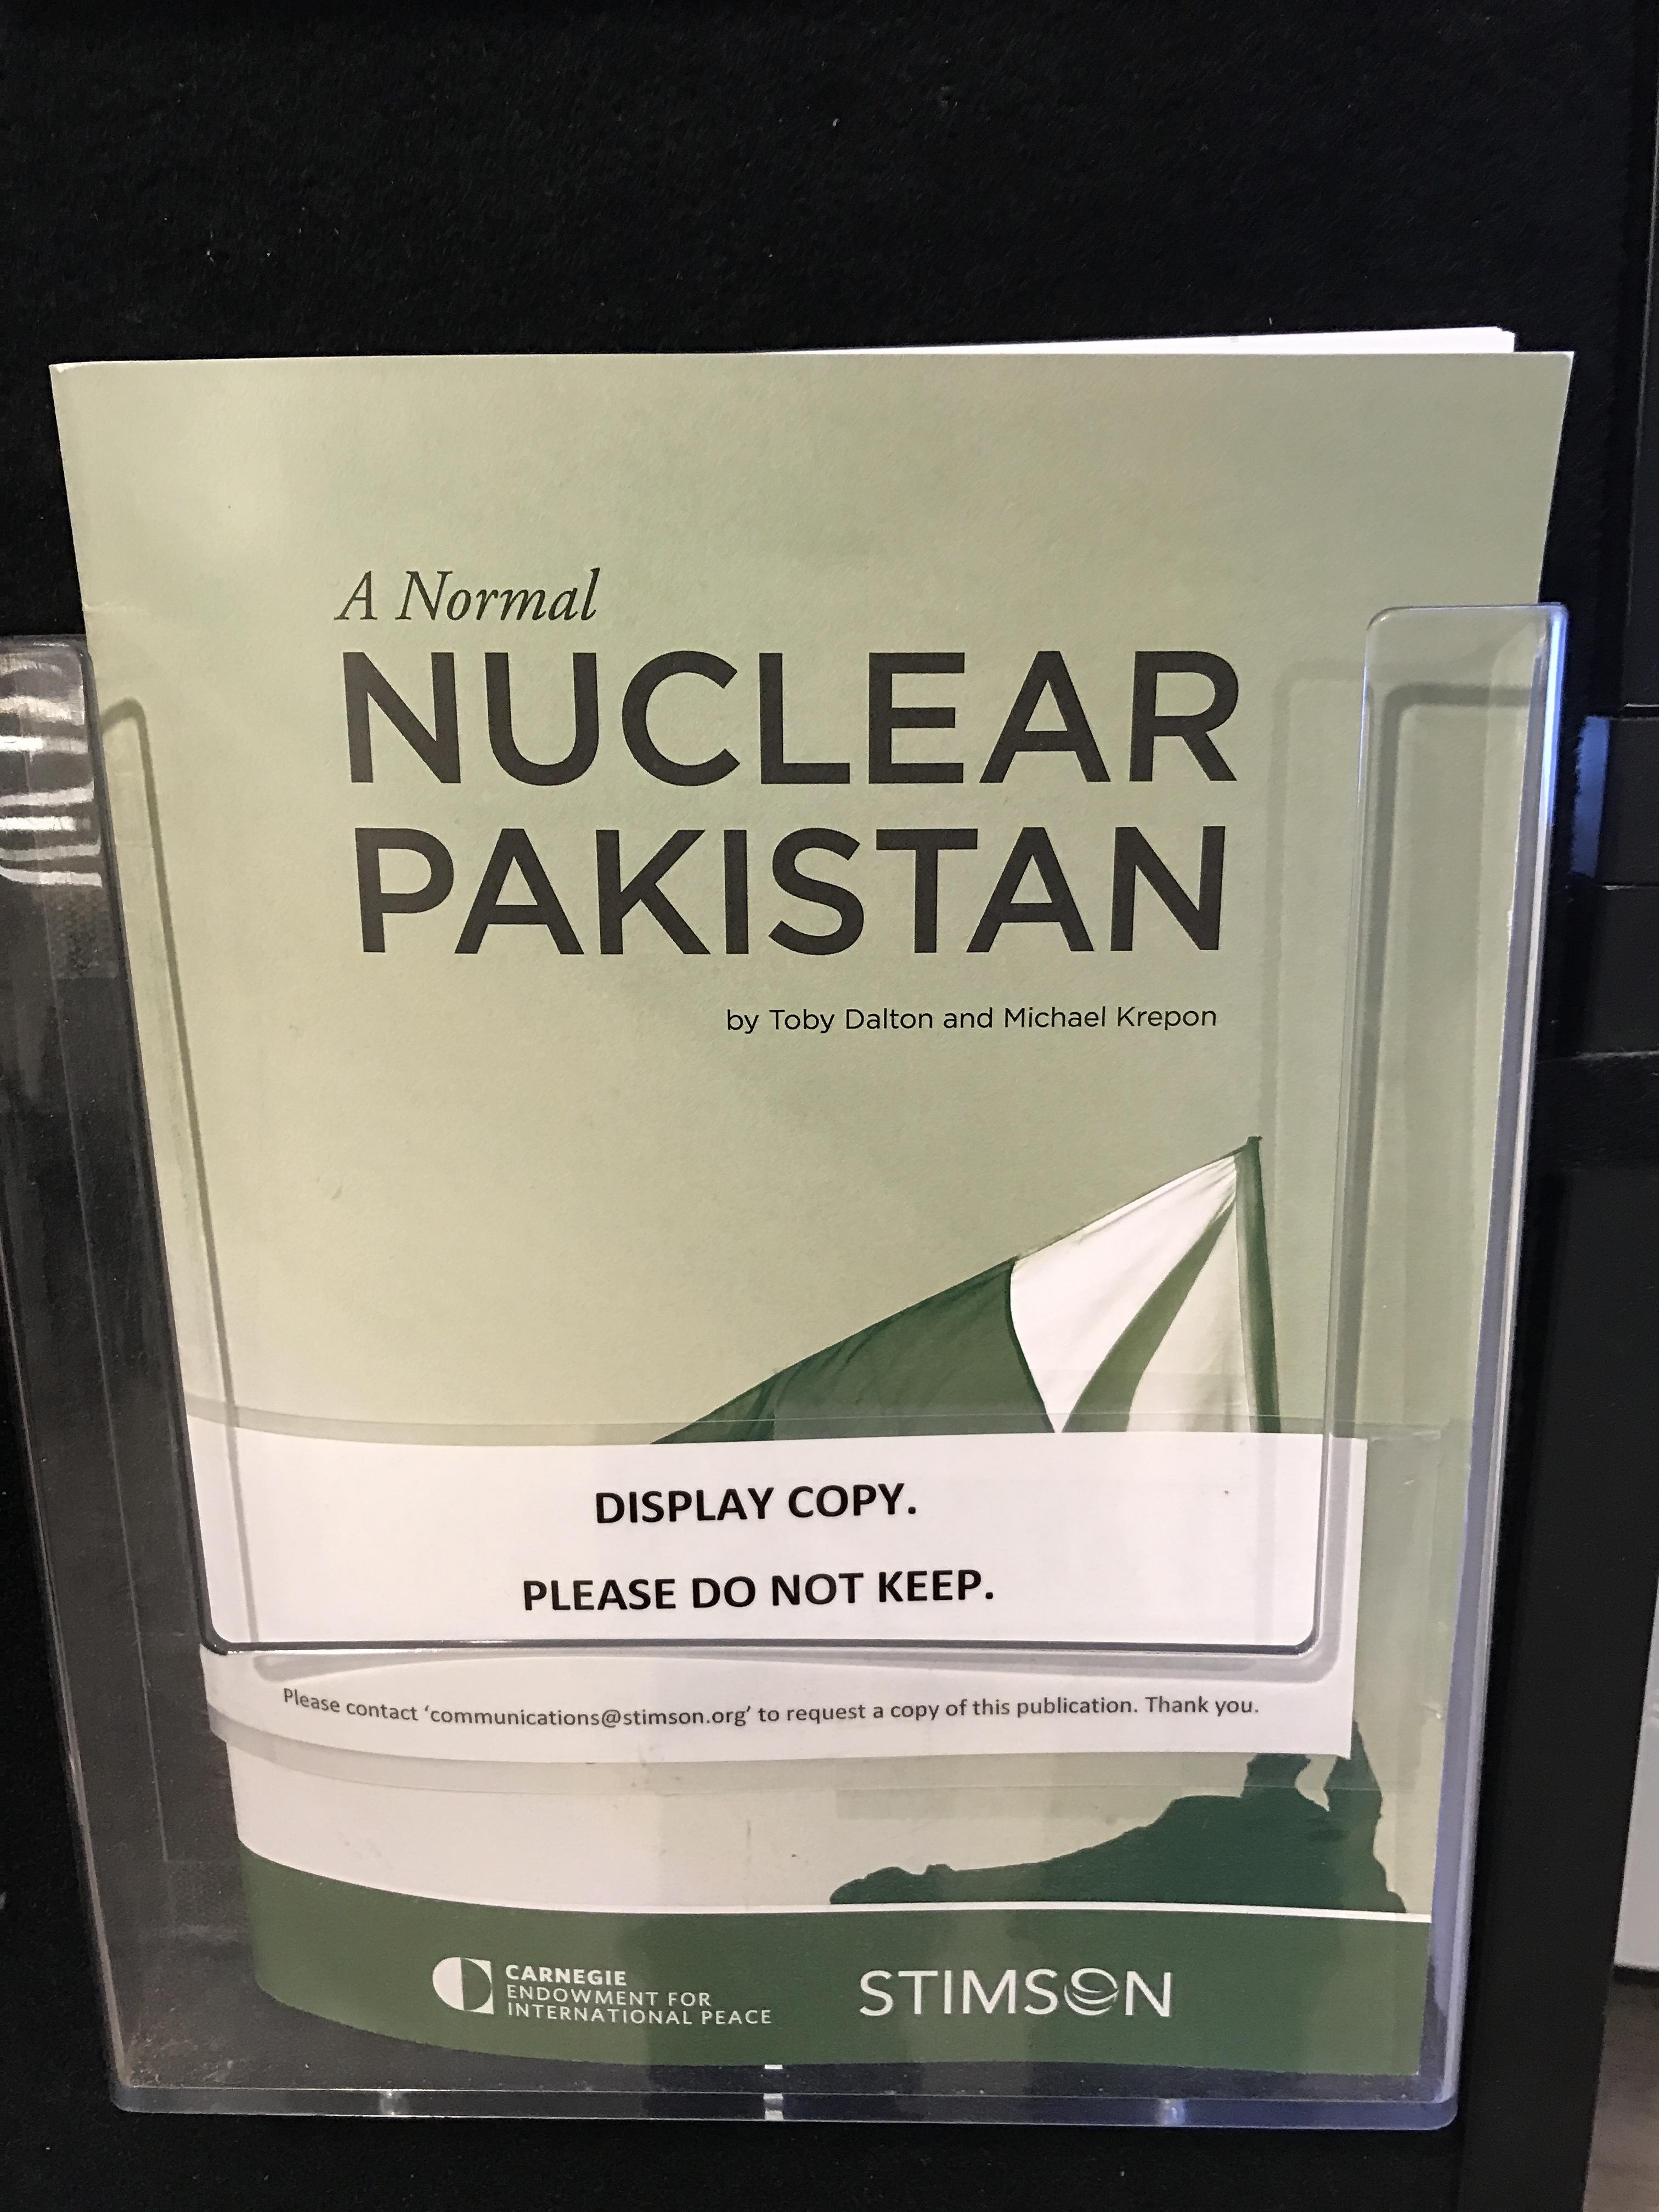 セミナーのために訪れたシンクタンクで見かけて萌えた報告書